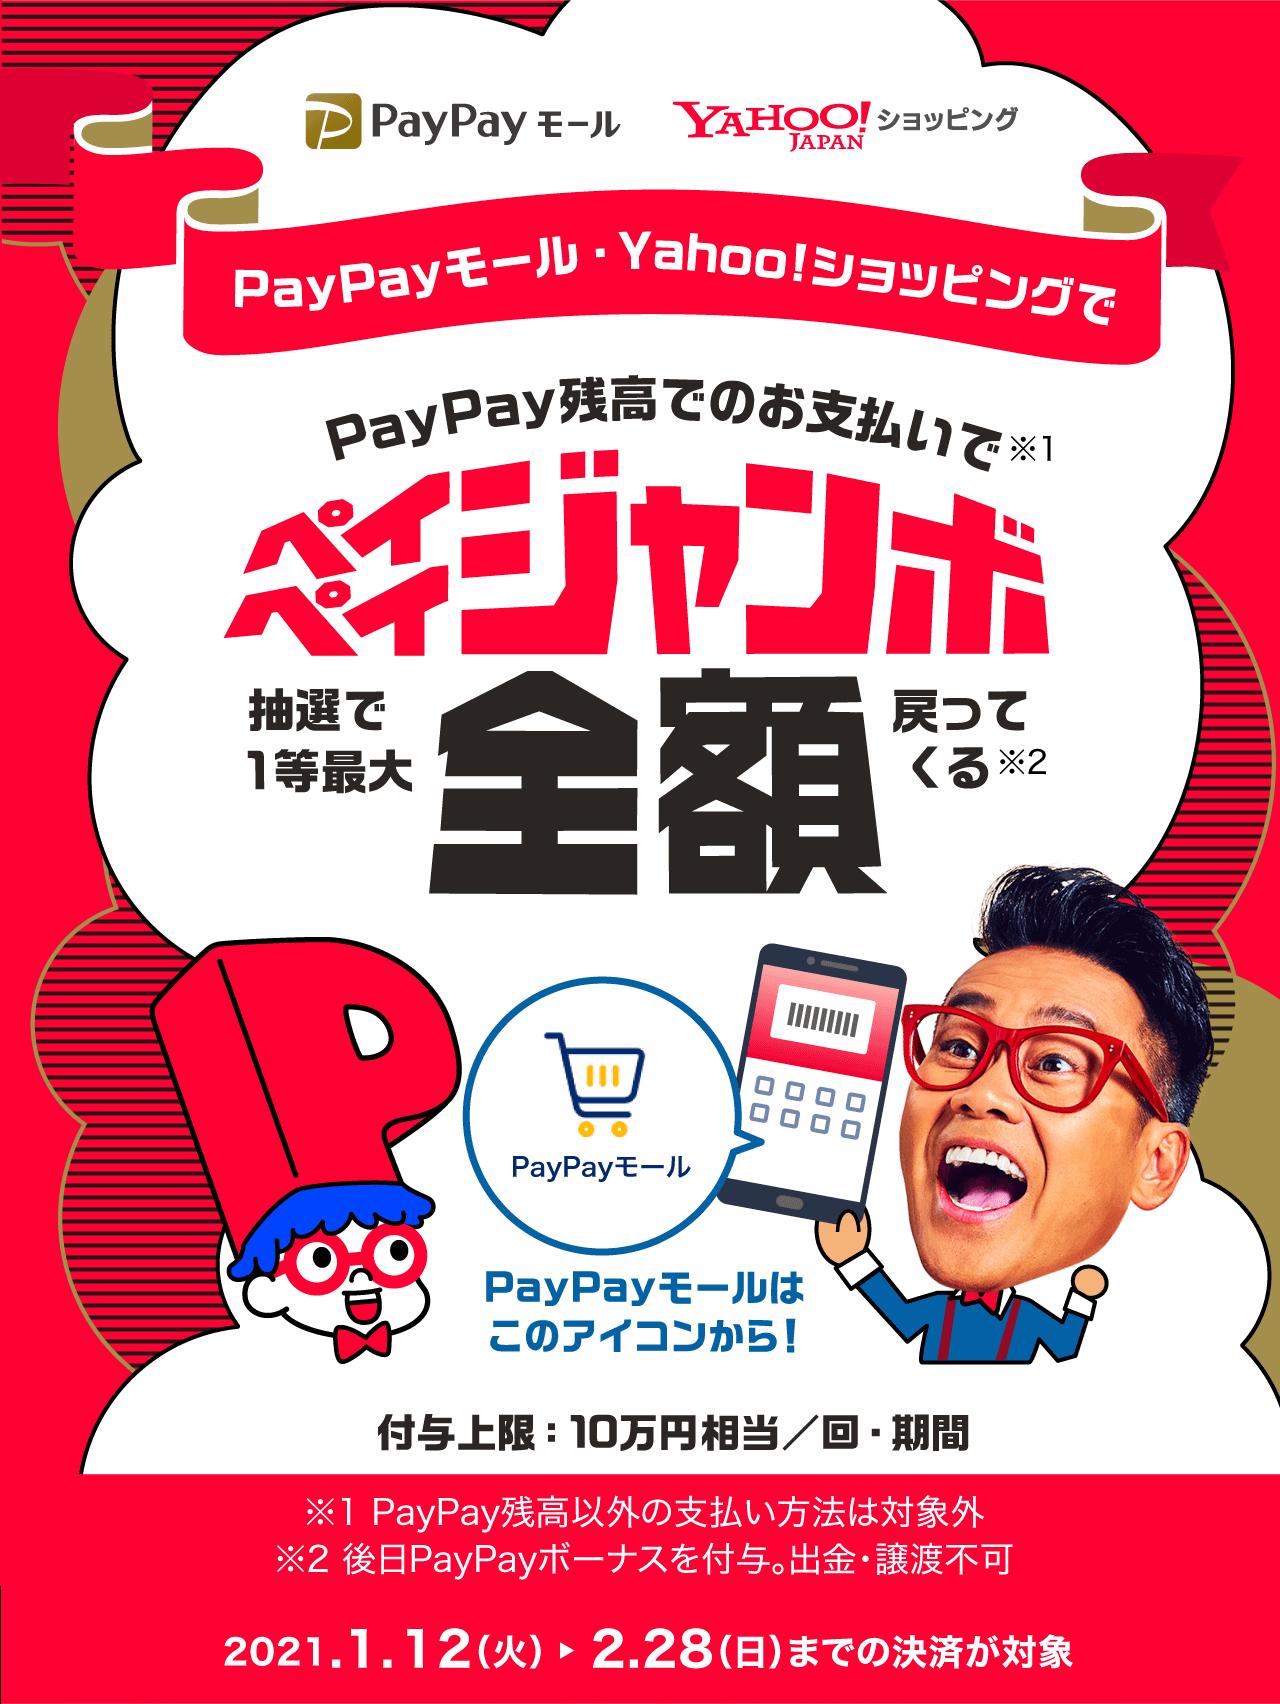 PayPayモール・Yahoo!ショッピングで PayPay残高でのお支払いで ペイペイジャンボ 抽選で 1等最大全額戻ってくる